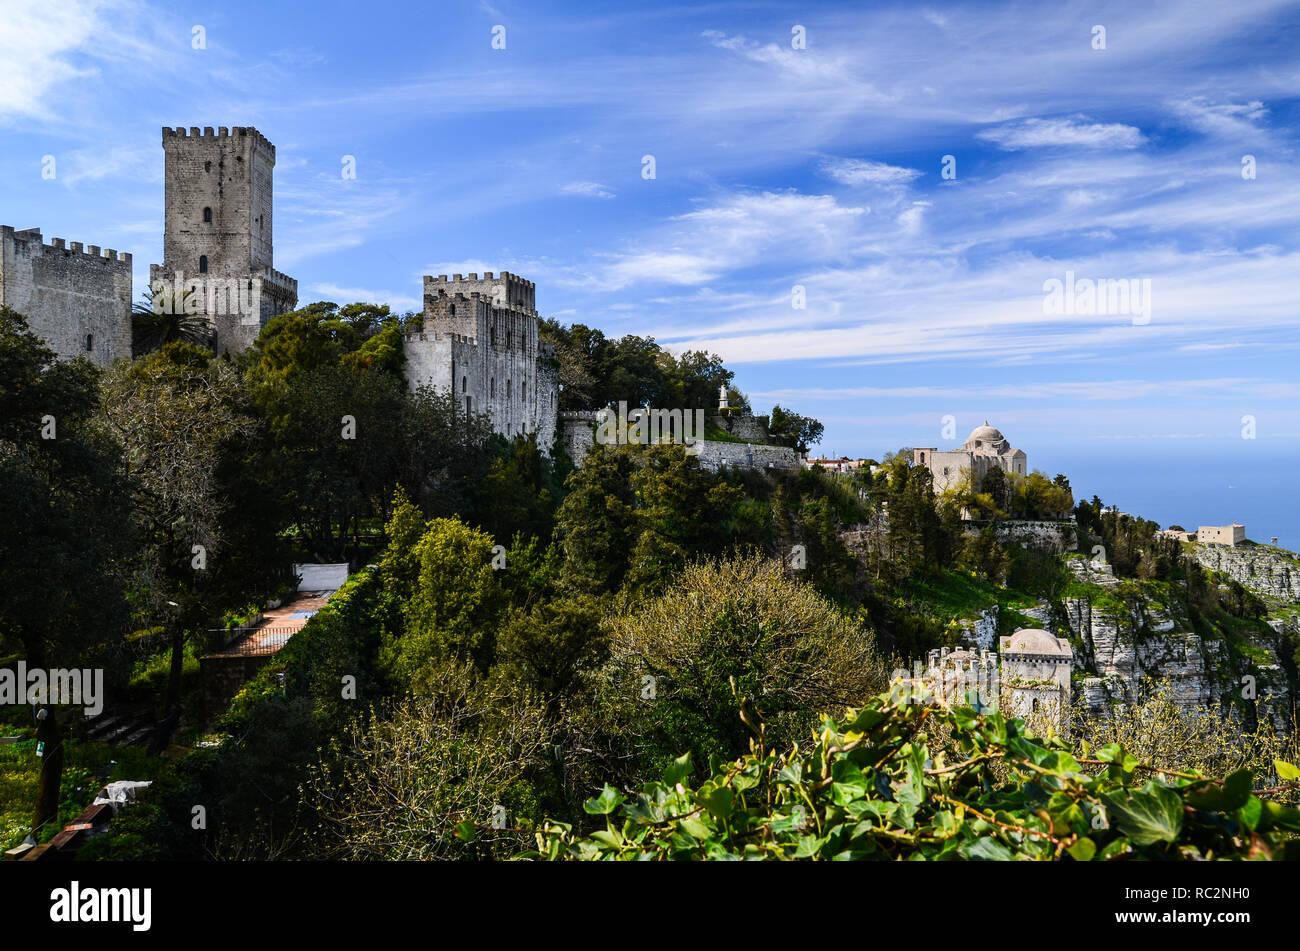 Vue panoramique sur la ville médiévale de Erice avec son château situé au sommet d'une montagne près de Trapani, Sicile, Italie. Banque D'Images